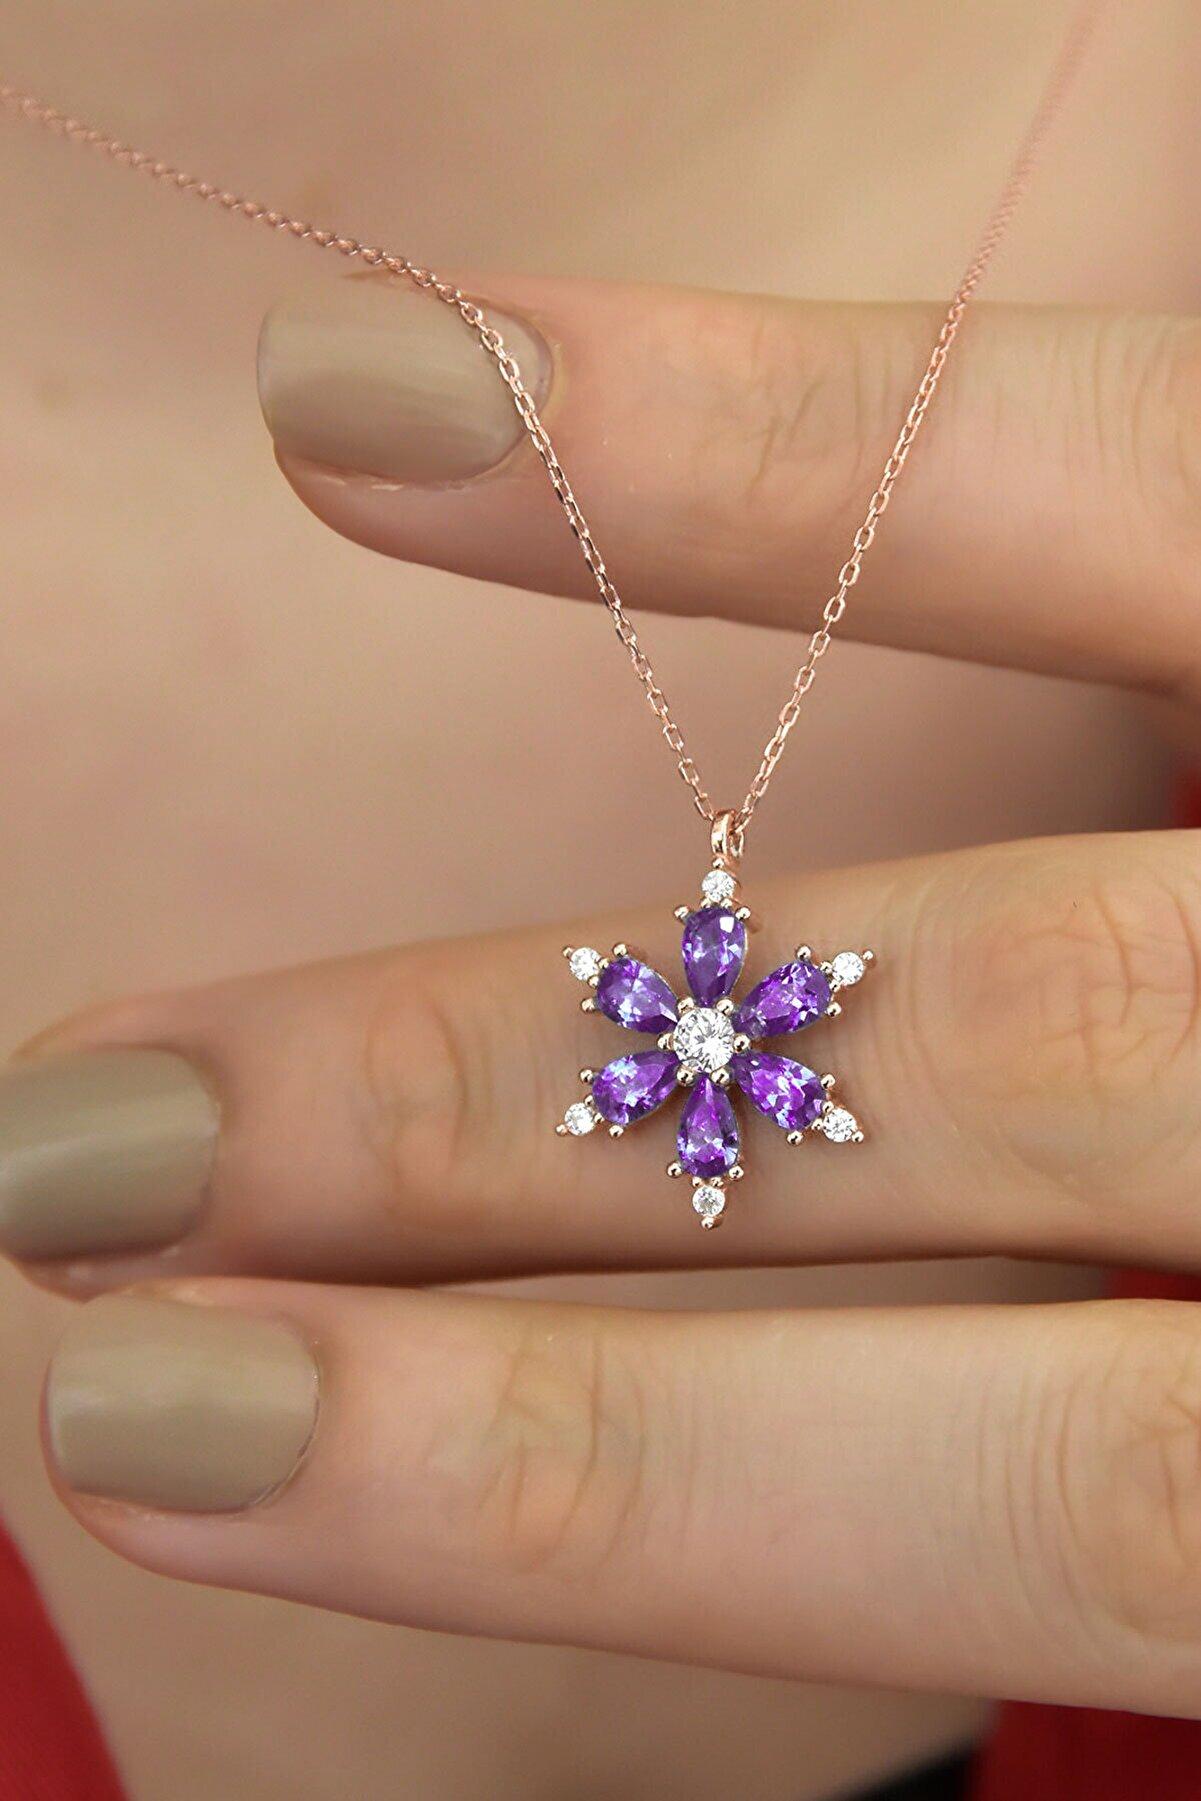 Papatya Silver 925 Ayar Gümüş Mor Taşlı Kamelya Çiçeği Kadın Kolye